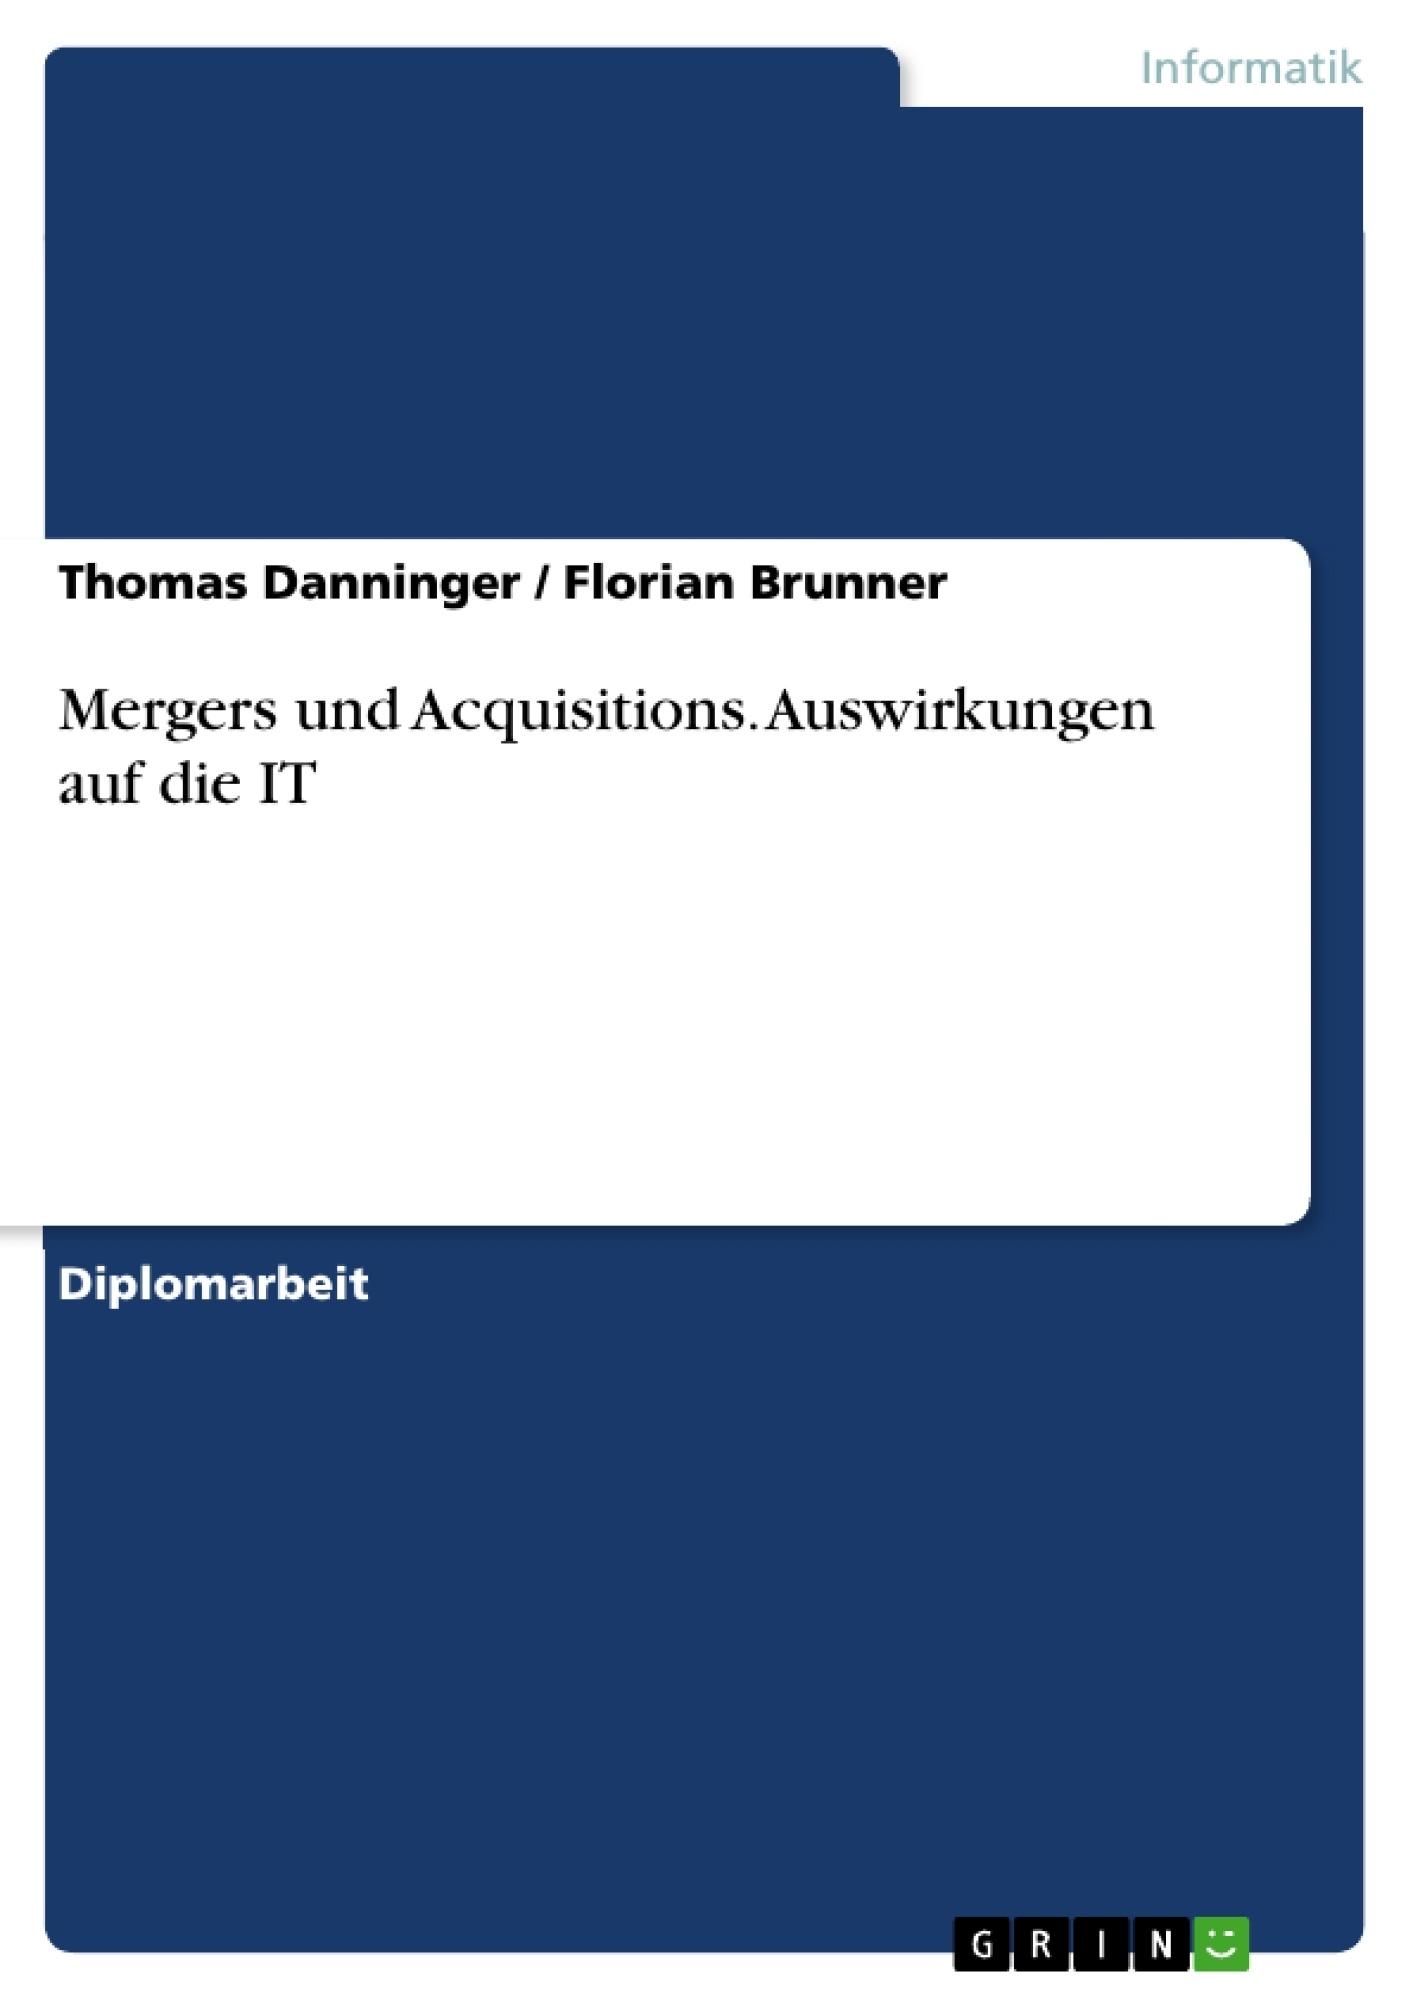 Titel: Mergers und Acquisitions. Auswirkungen auf die IT